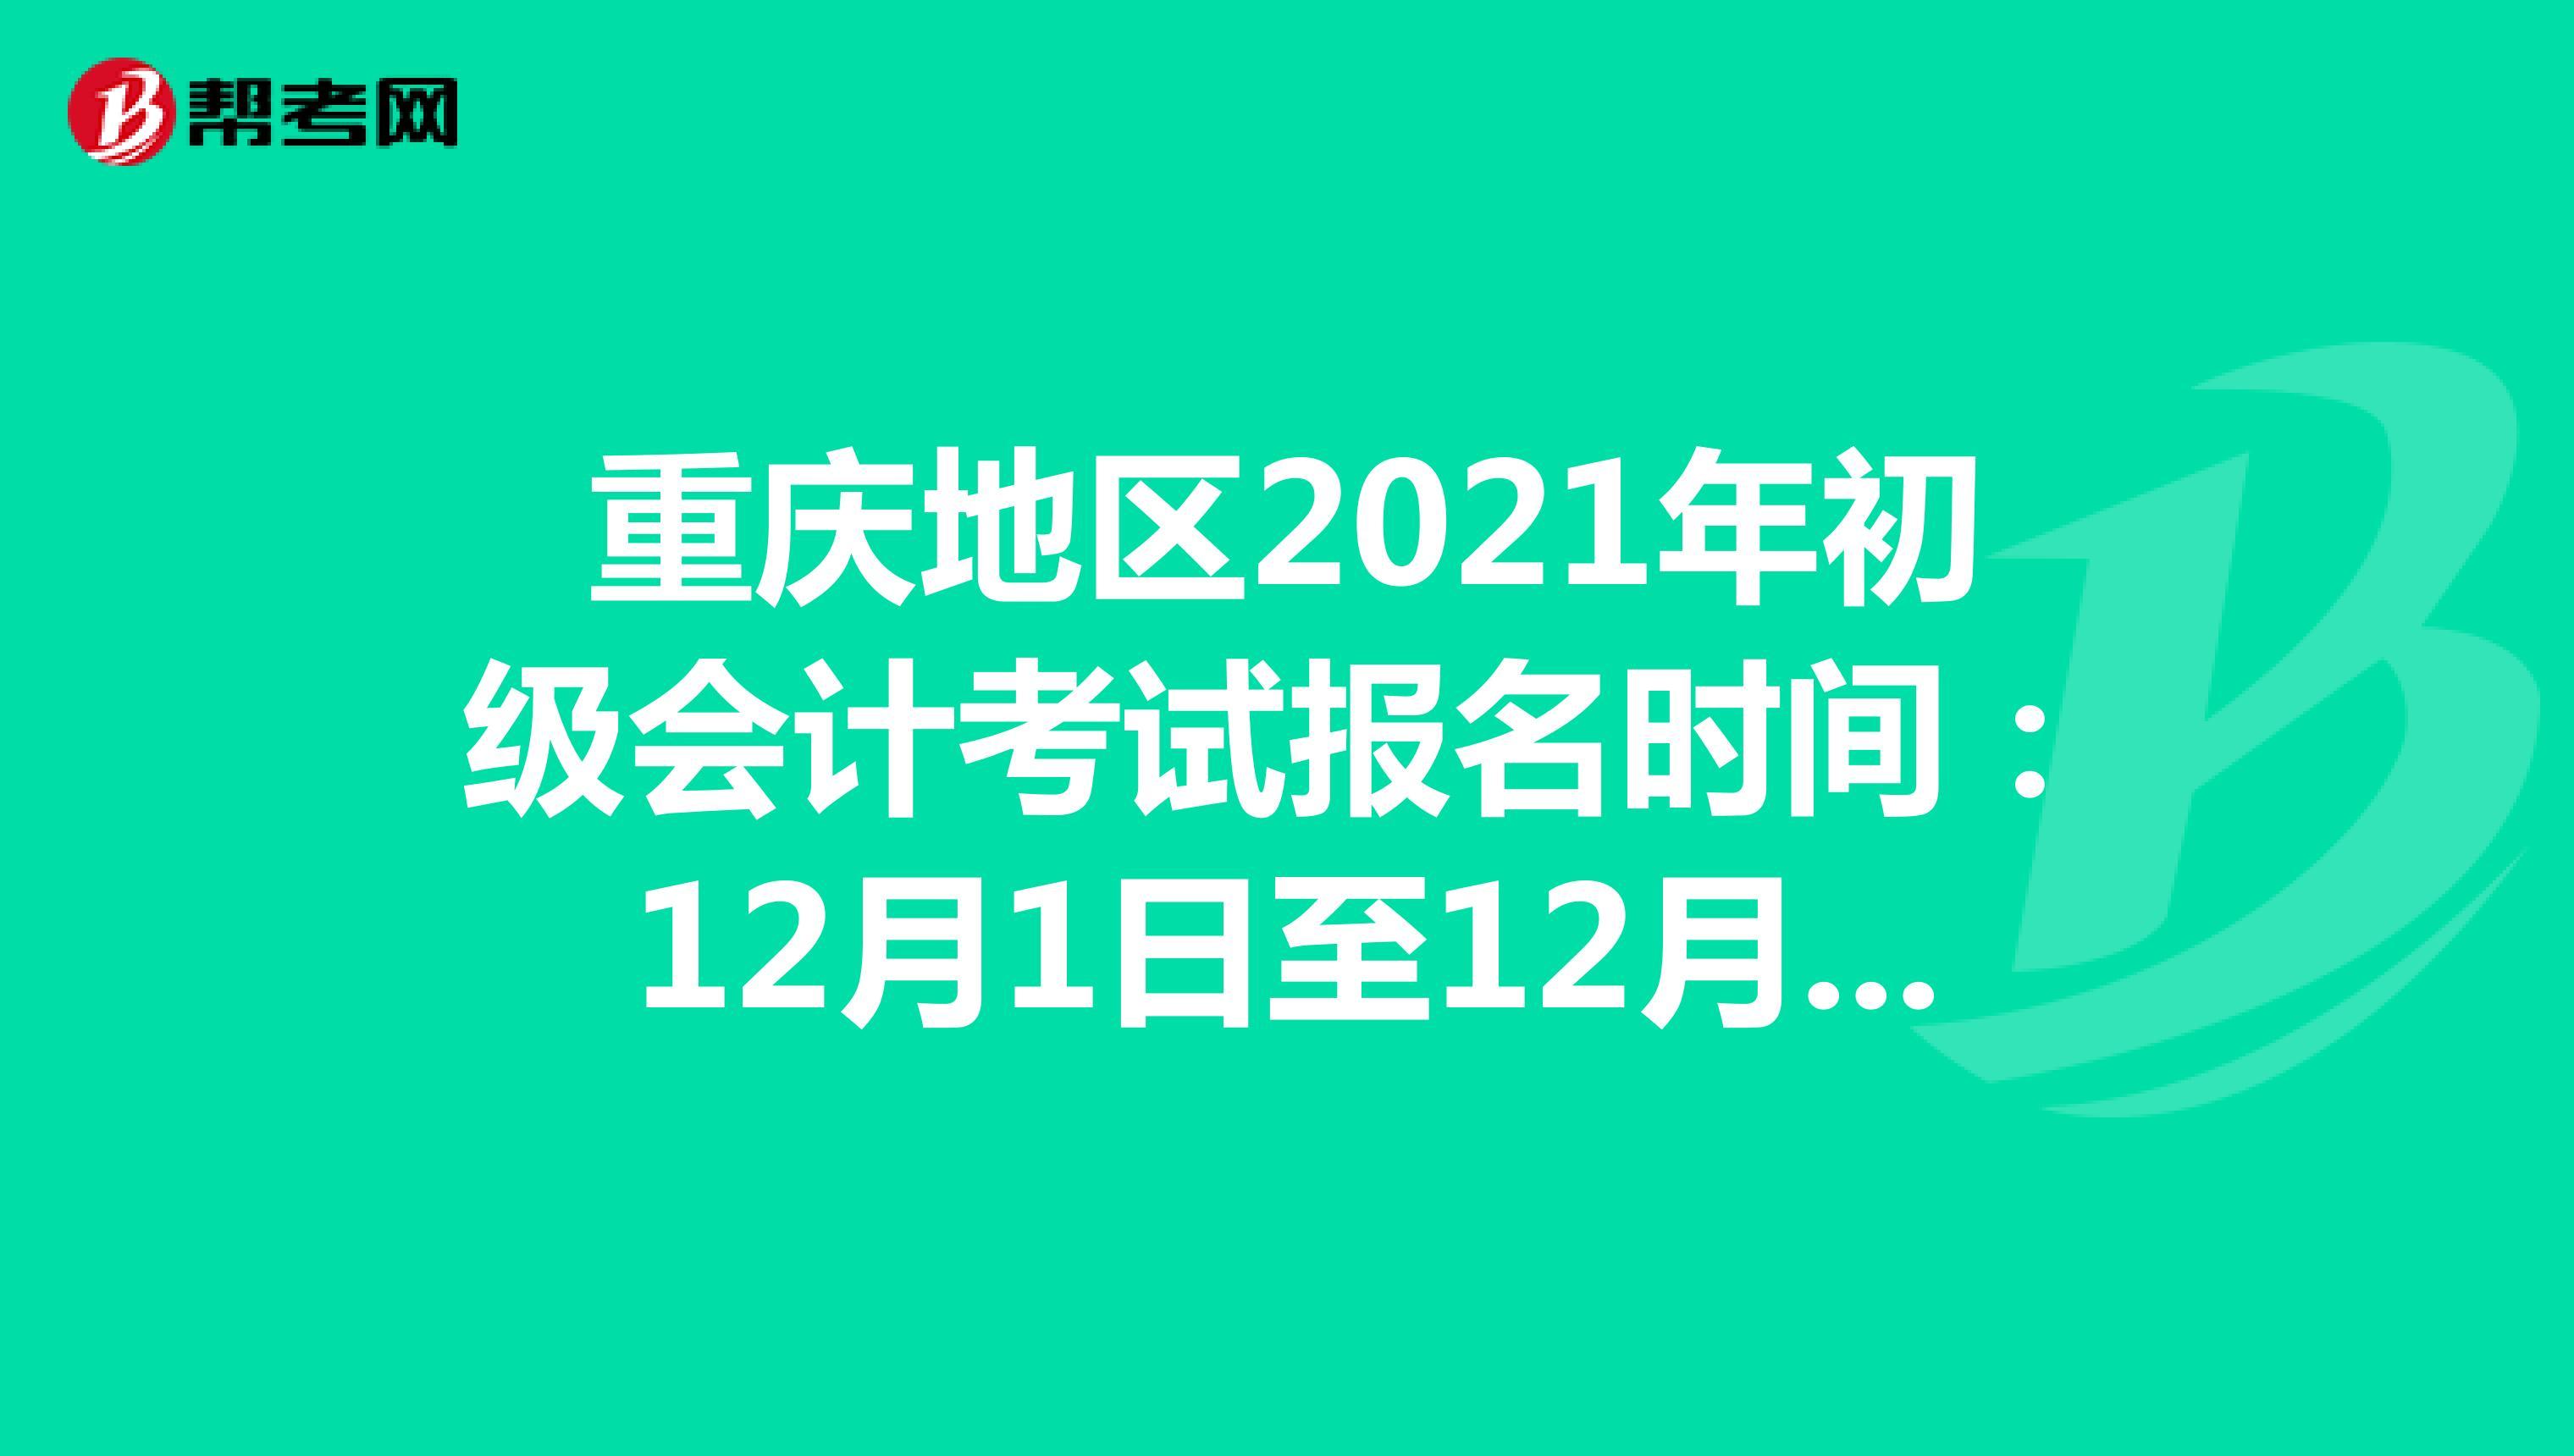 重慶地區2021年初級會計考試報名時間:12月1日至12月25日